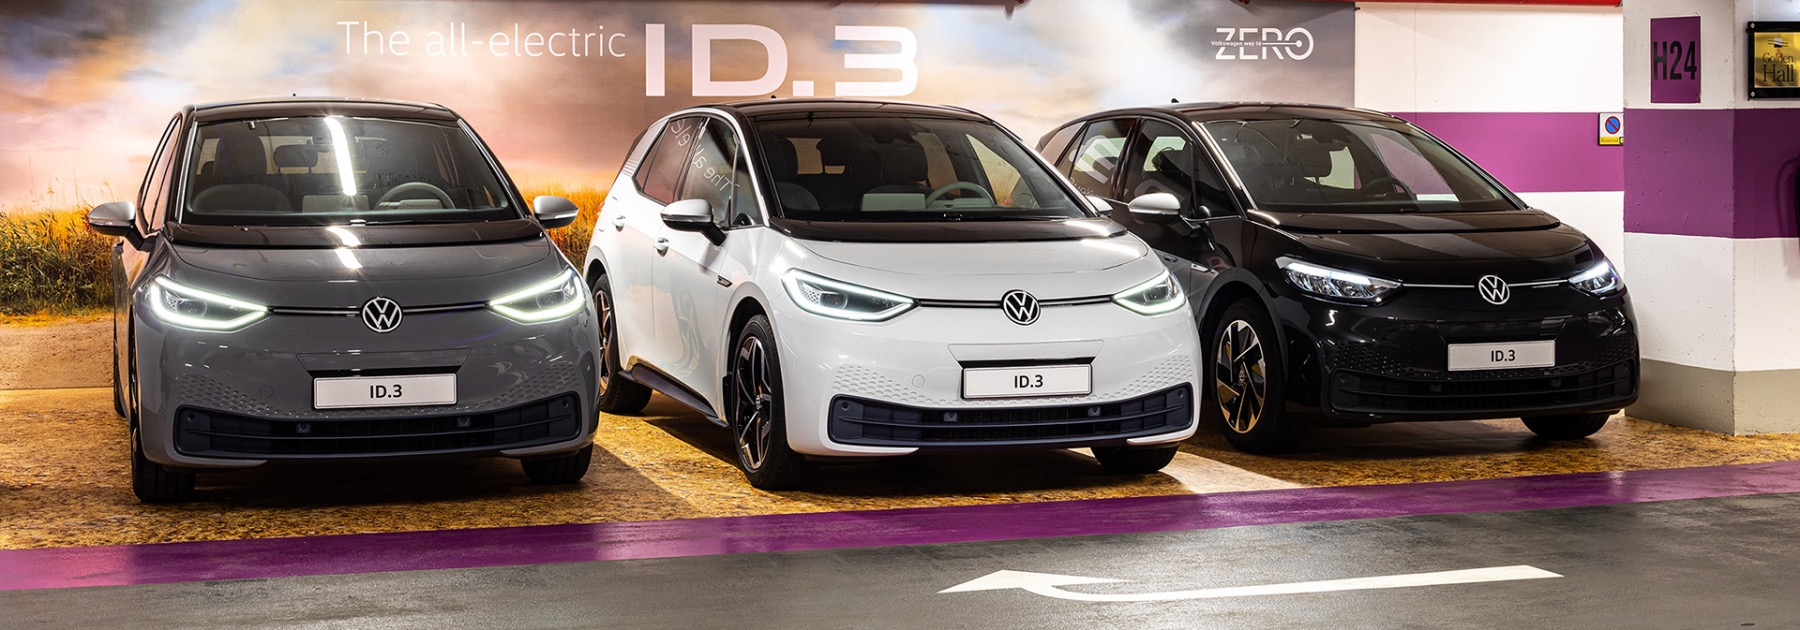 Volkswagen ID.3 / Golden Hall